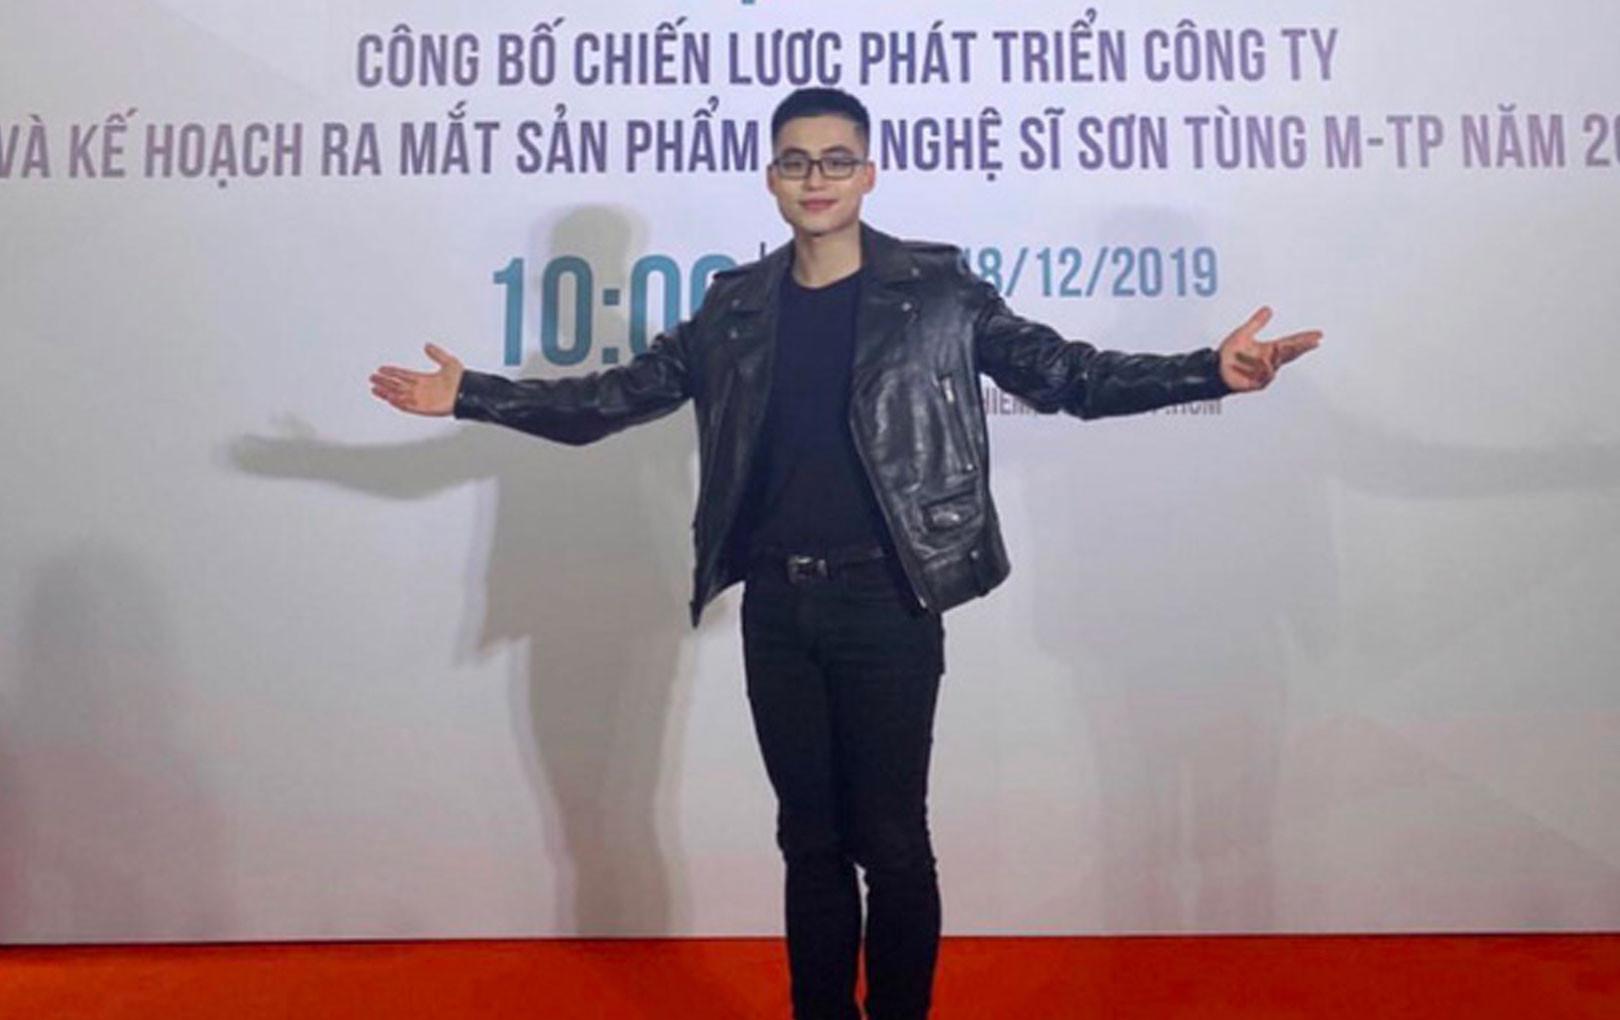 Em trai Sơn Tùng M-TP hút mọi ánh nhìn trong họp báo của anh trai với phong cách chững chạc và thần thái đỉnh cao